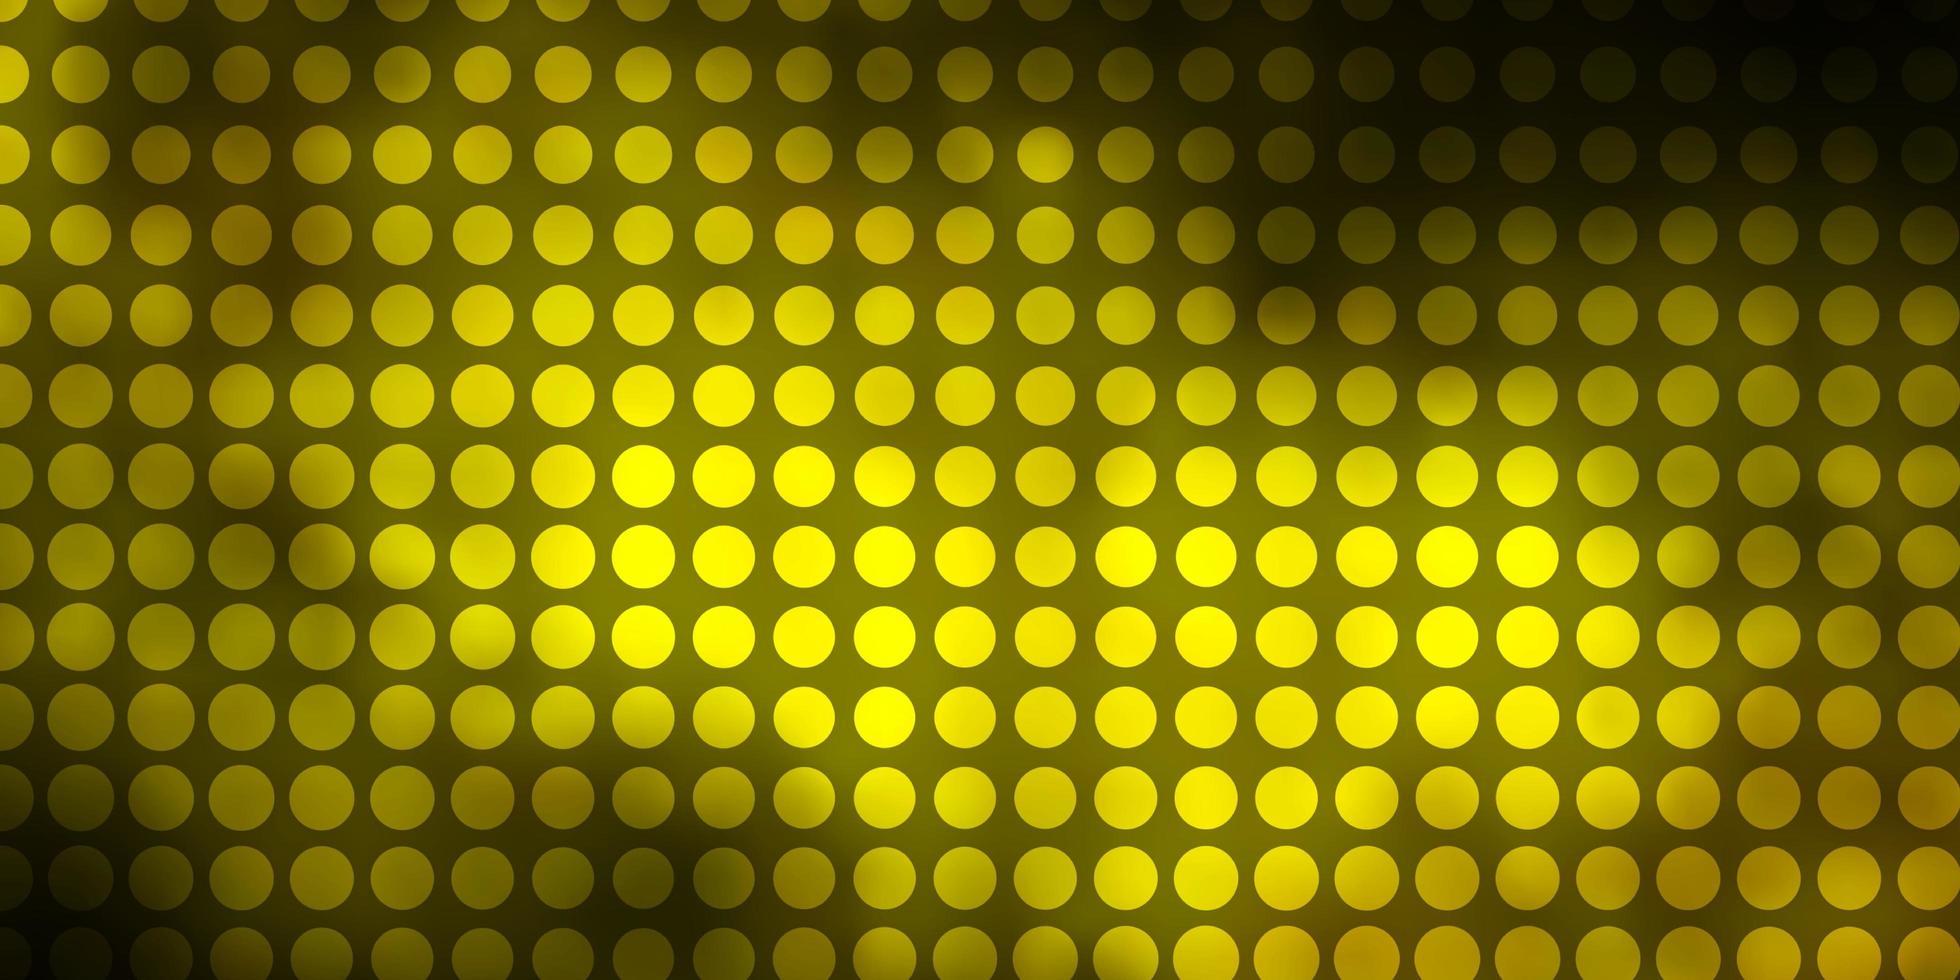 donkergroene, gele vectortextuur met cirkels. vector